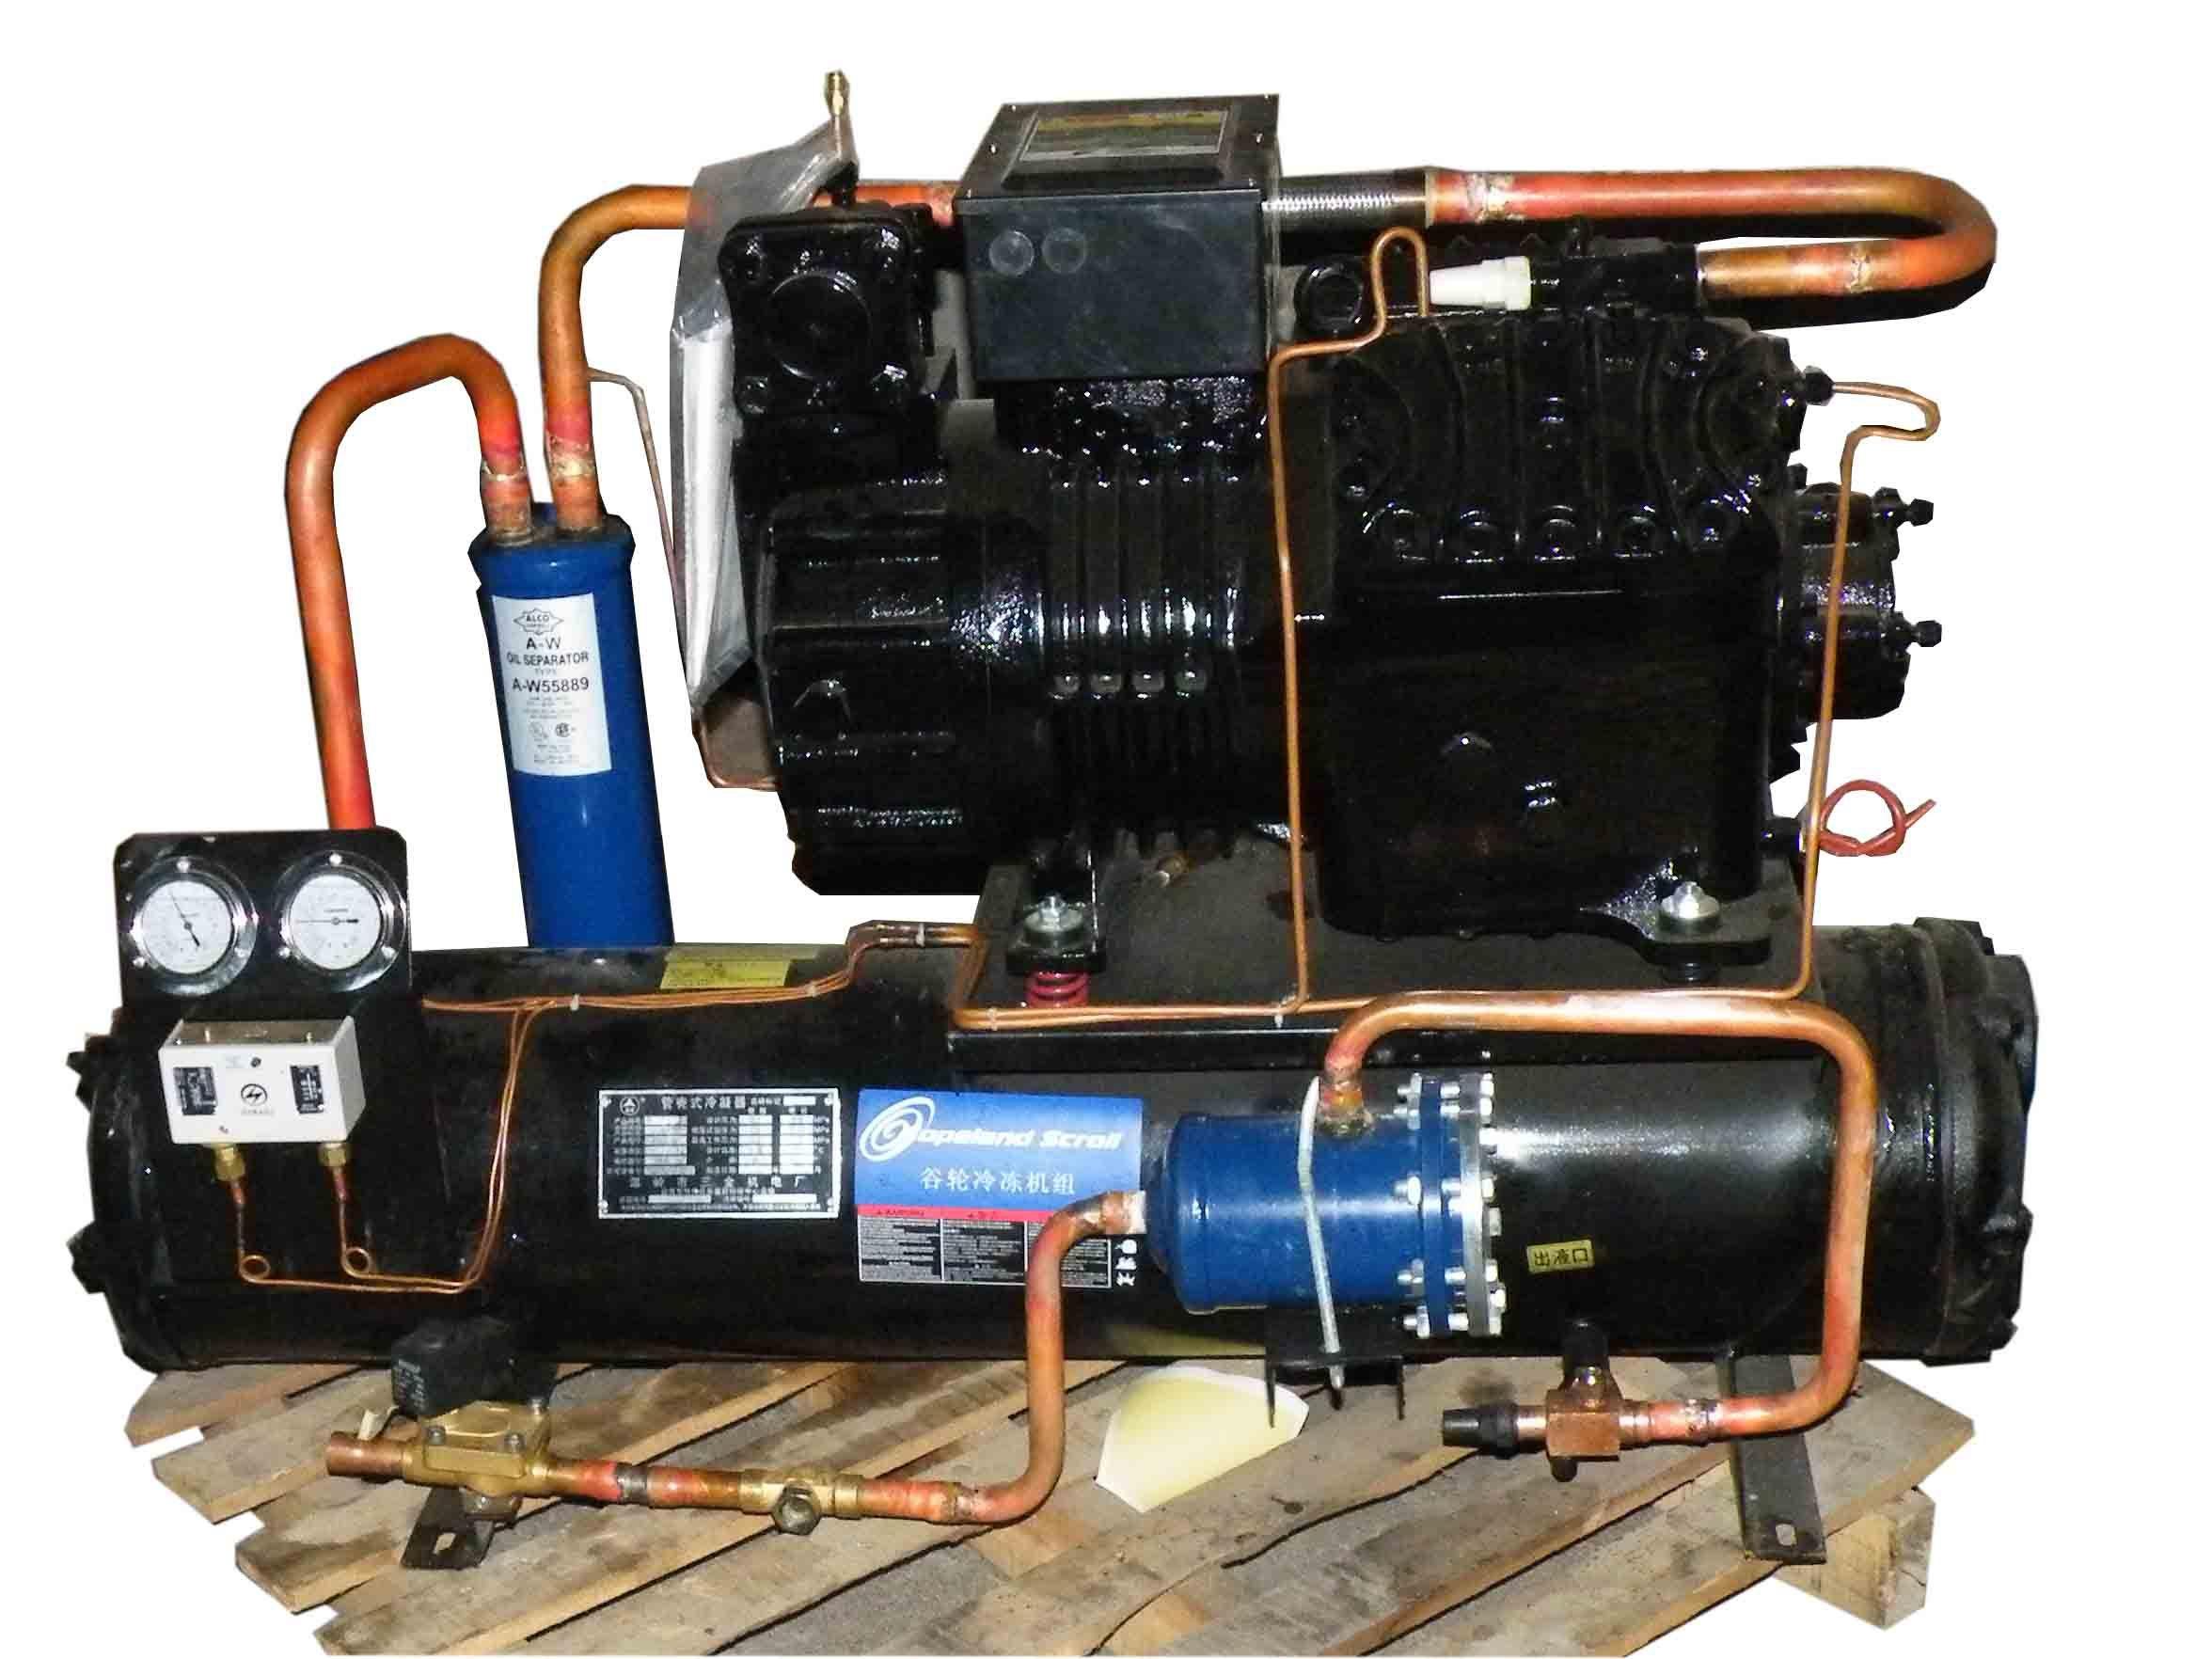 工业冷机_压缩机10hp/ 半封闭c-1000谷轮机组/冷水机组/开式工业制冷机商品图片